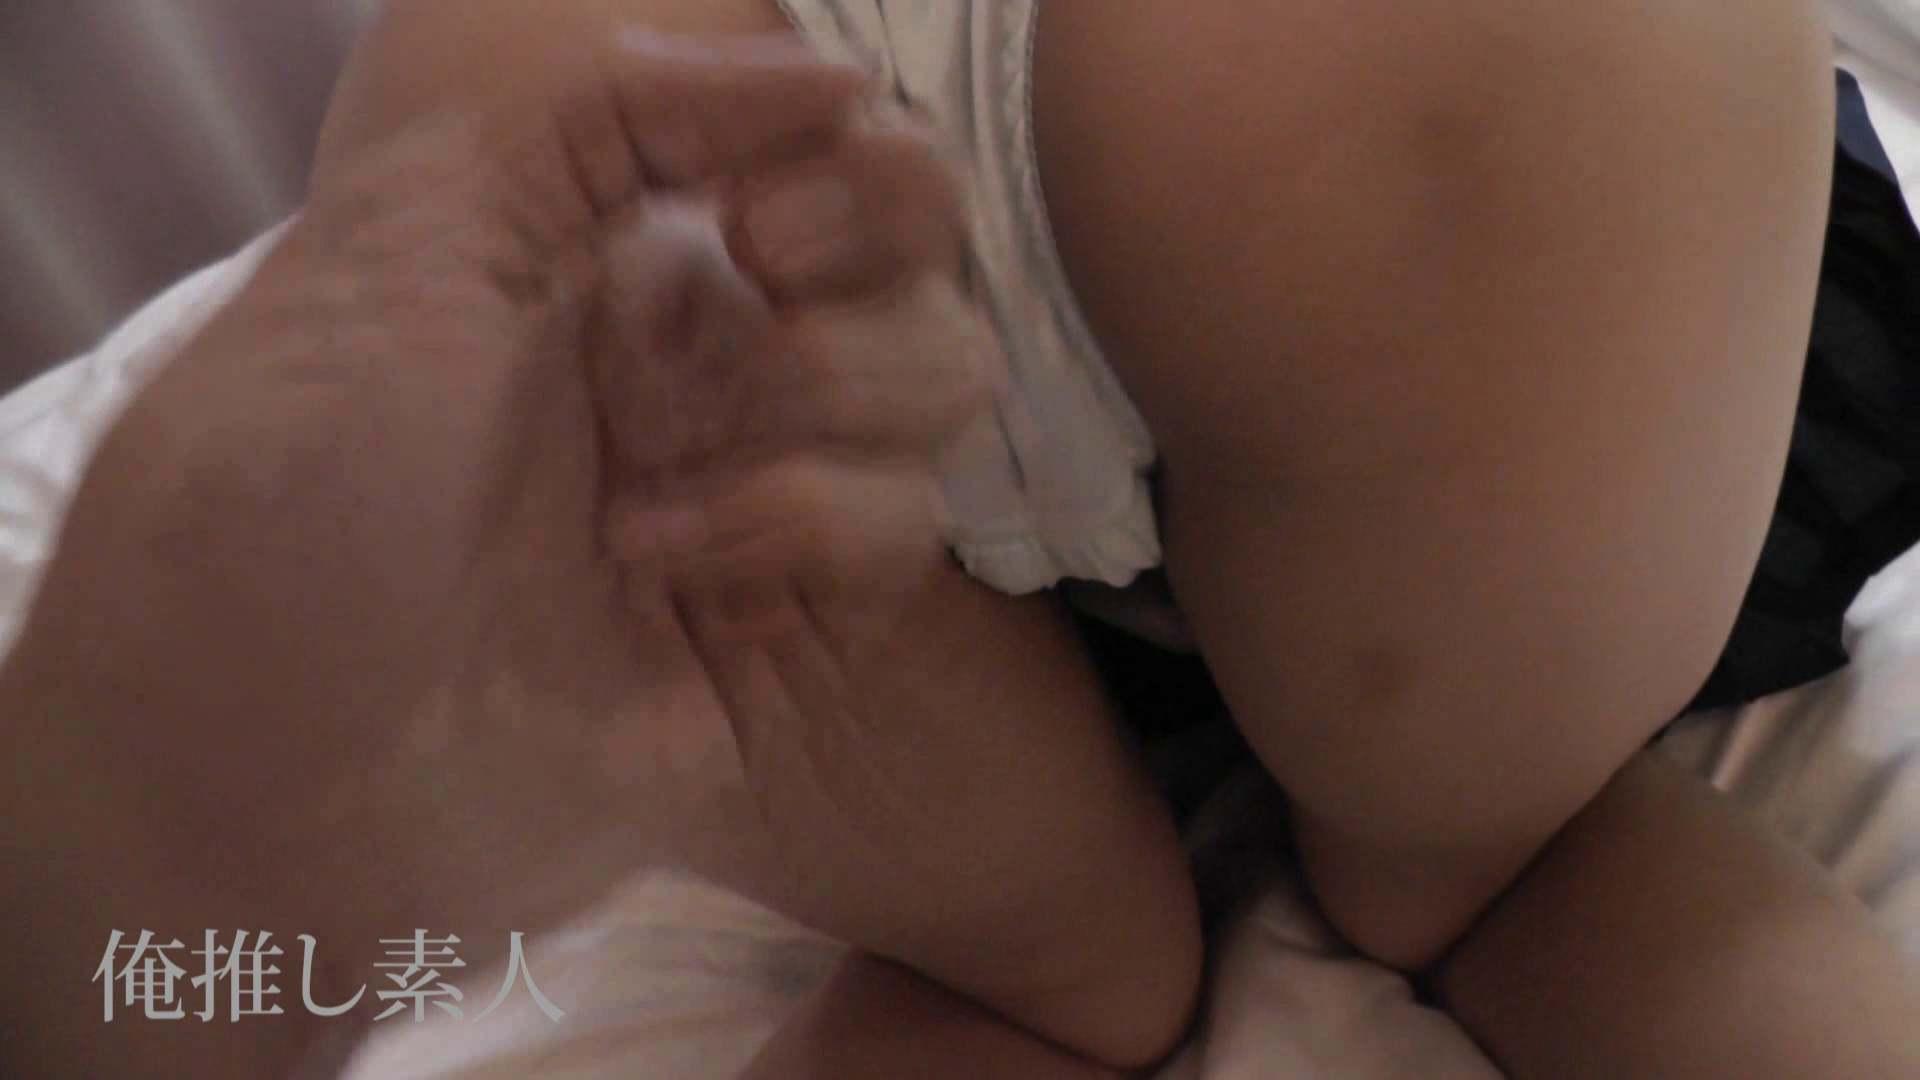 俺推し素人 EカップシングルマザーOL30歳瑤子vol4 HなOL すけべAV動画紹介 113pic 22